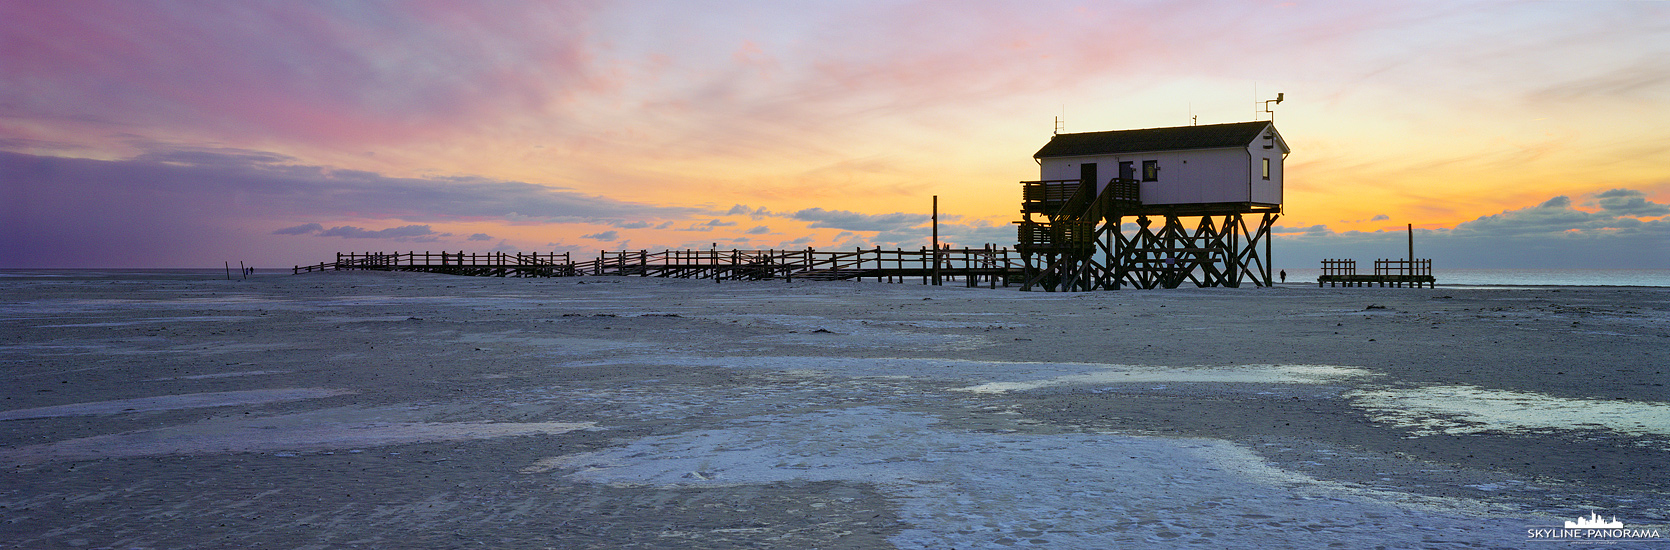 Nordsee-Motive - Der Strand von Sankt Peter-Ording im Winter als Panorama zum Sonnenuntergang . Zu dieser Jahreszeit und bei eisigen Temperaturen, trifft man am Strand, bei den bekannten Pfahlbauten, nur wenige Urlauber.